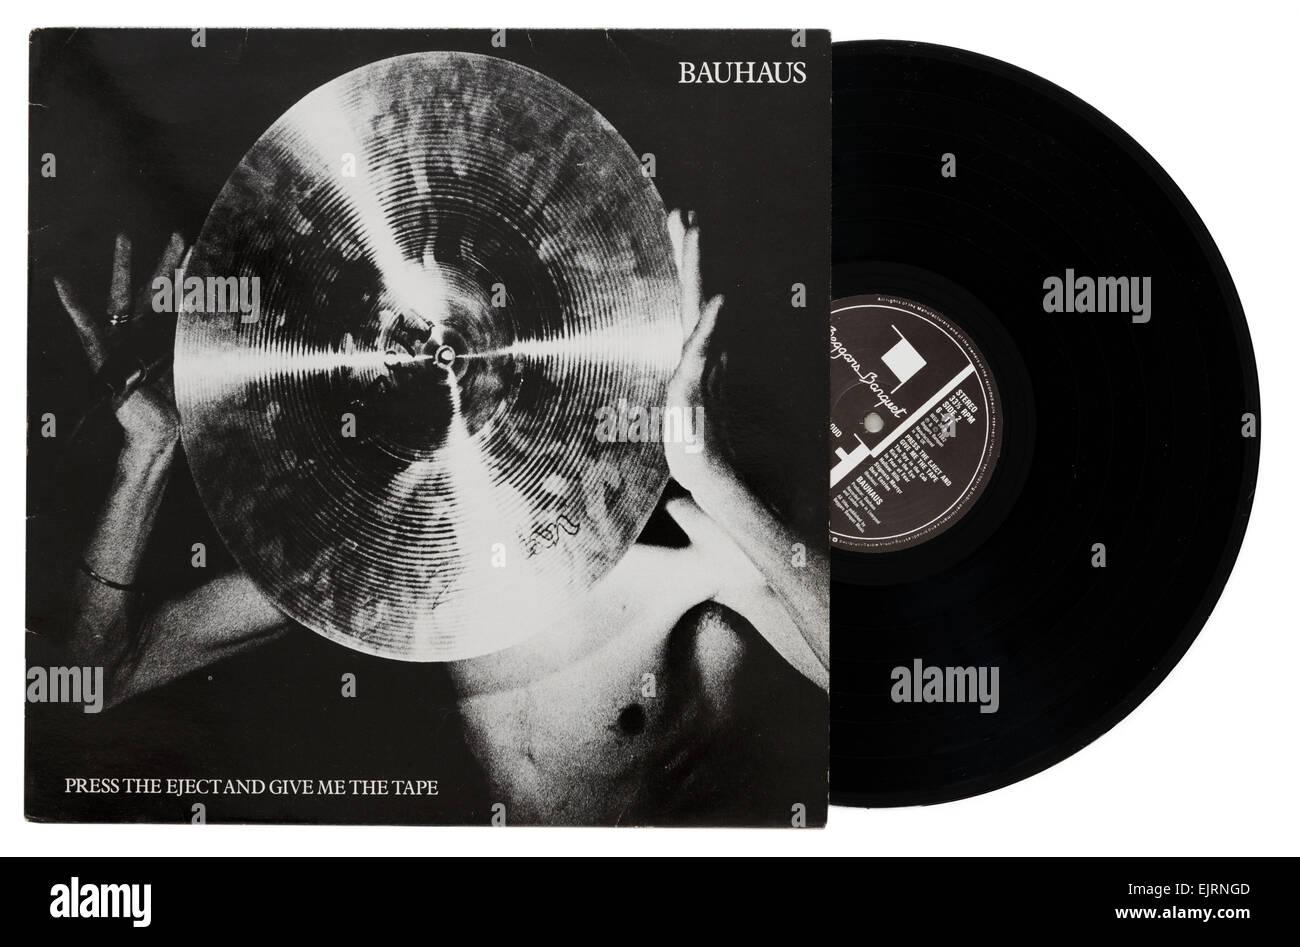 Drücken Sie die Taste Eject und gib mir das Band-Album von Bauhaus Stockbild